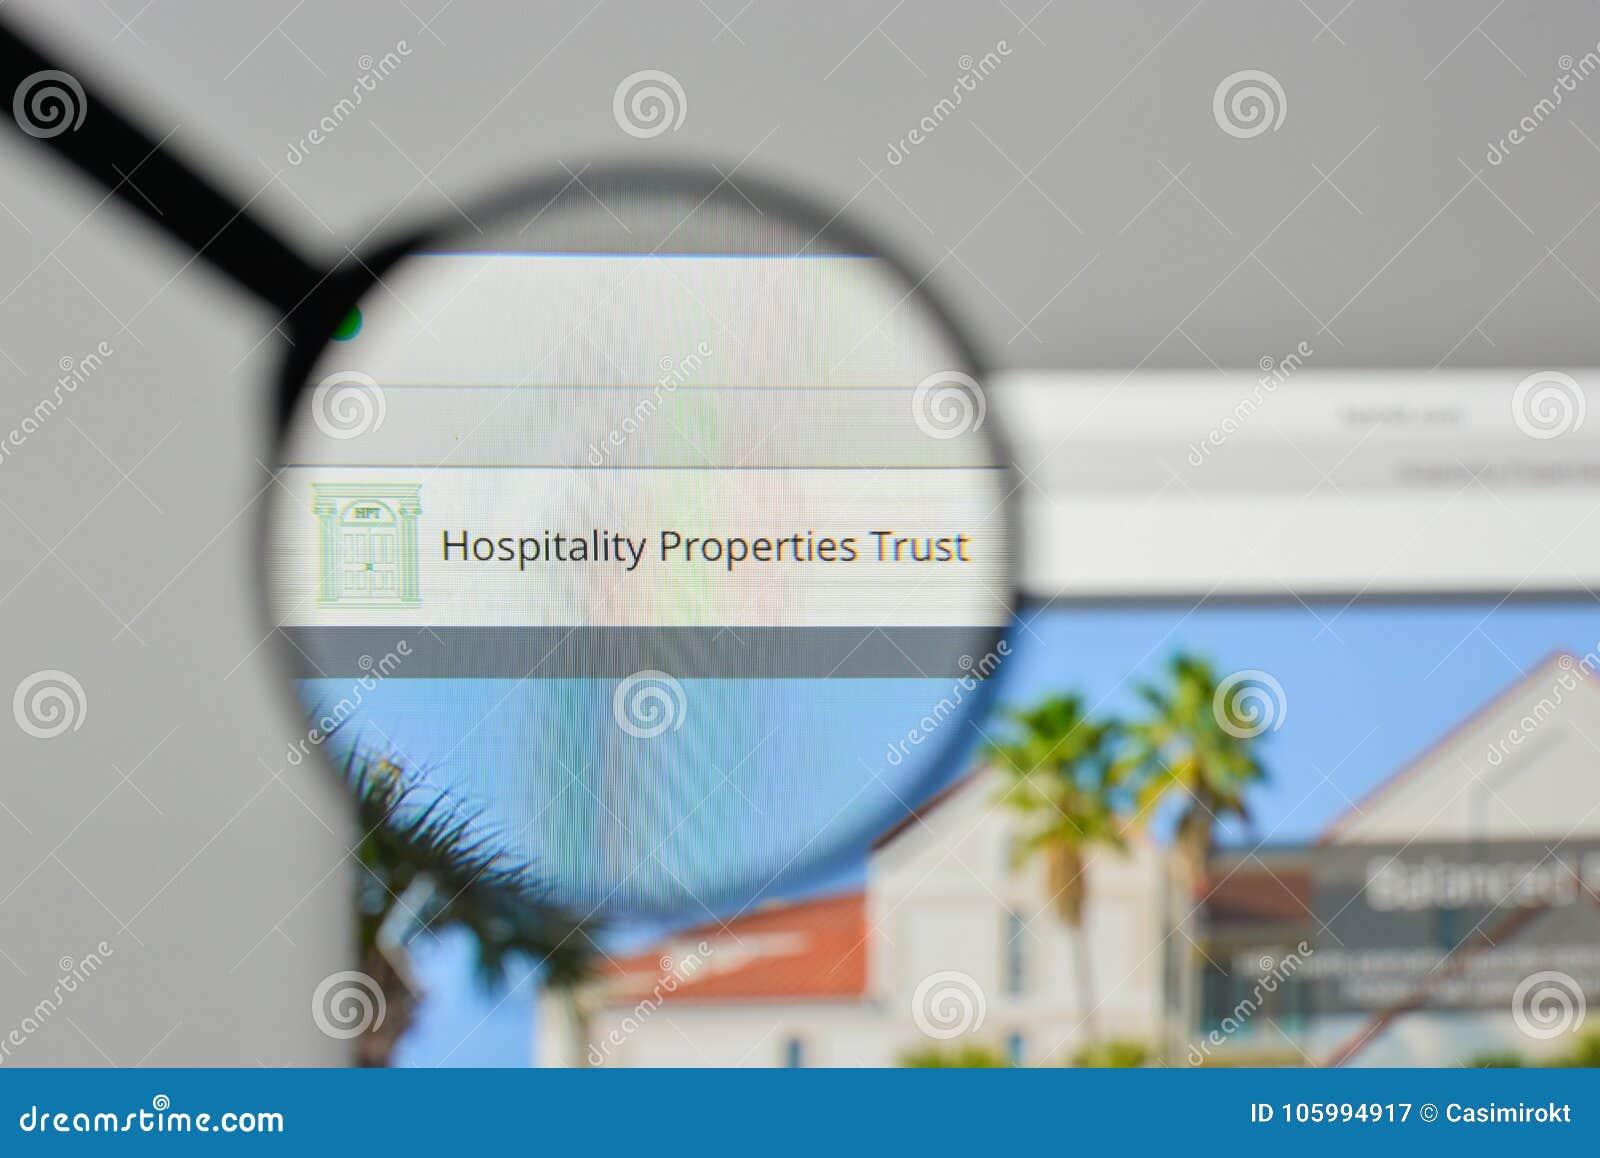 Milán, Italia - 1 de noviembre de 2017: Lo de la confianza de propiedades de la hospitalidad